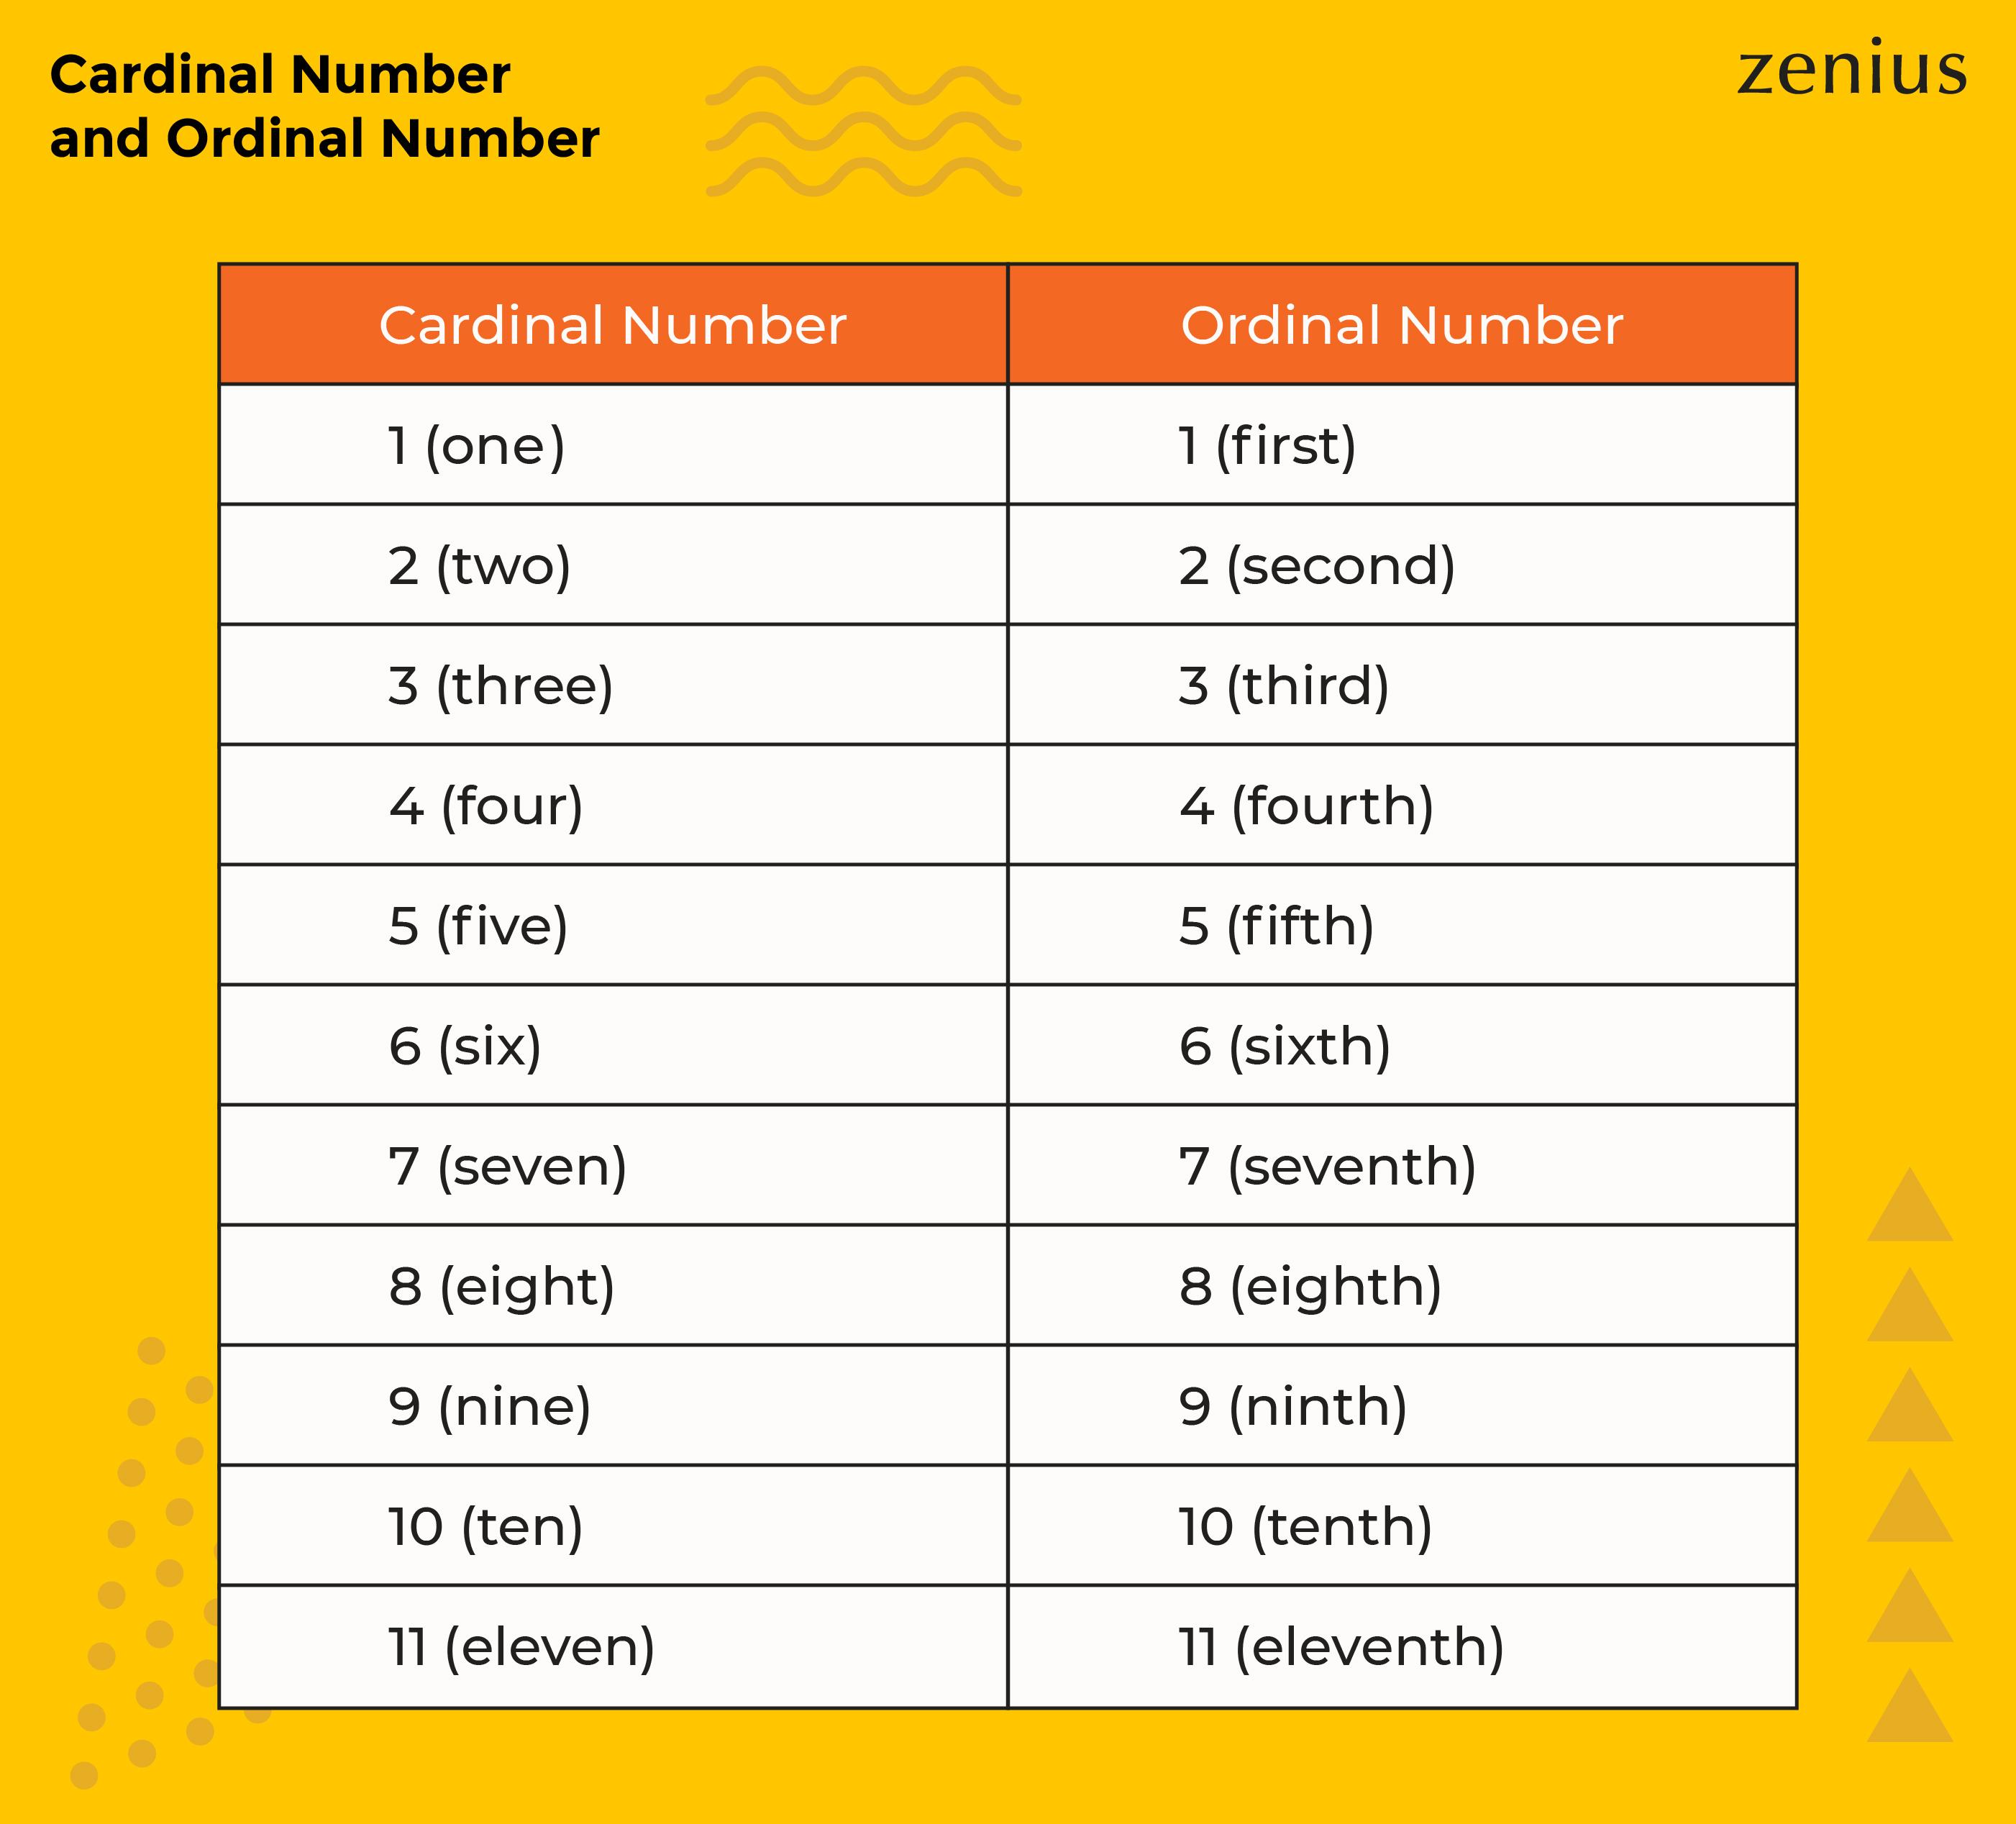 cardinal dan ordinal numbers dalam Bahasa Inggris